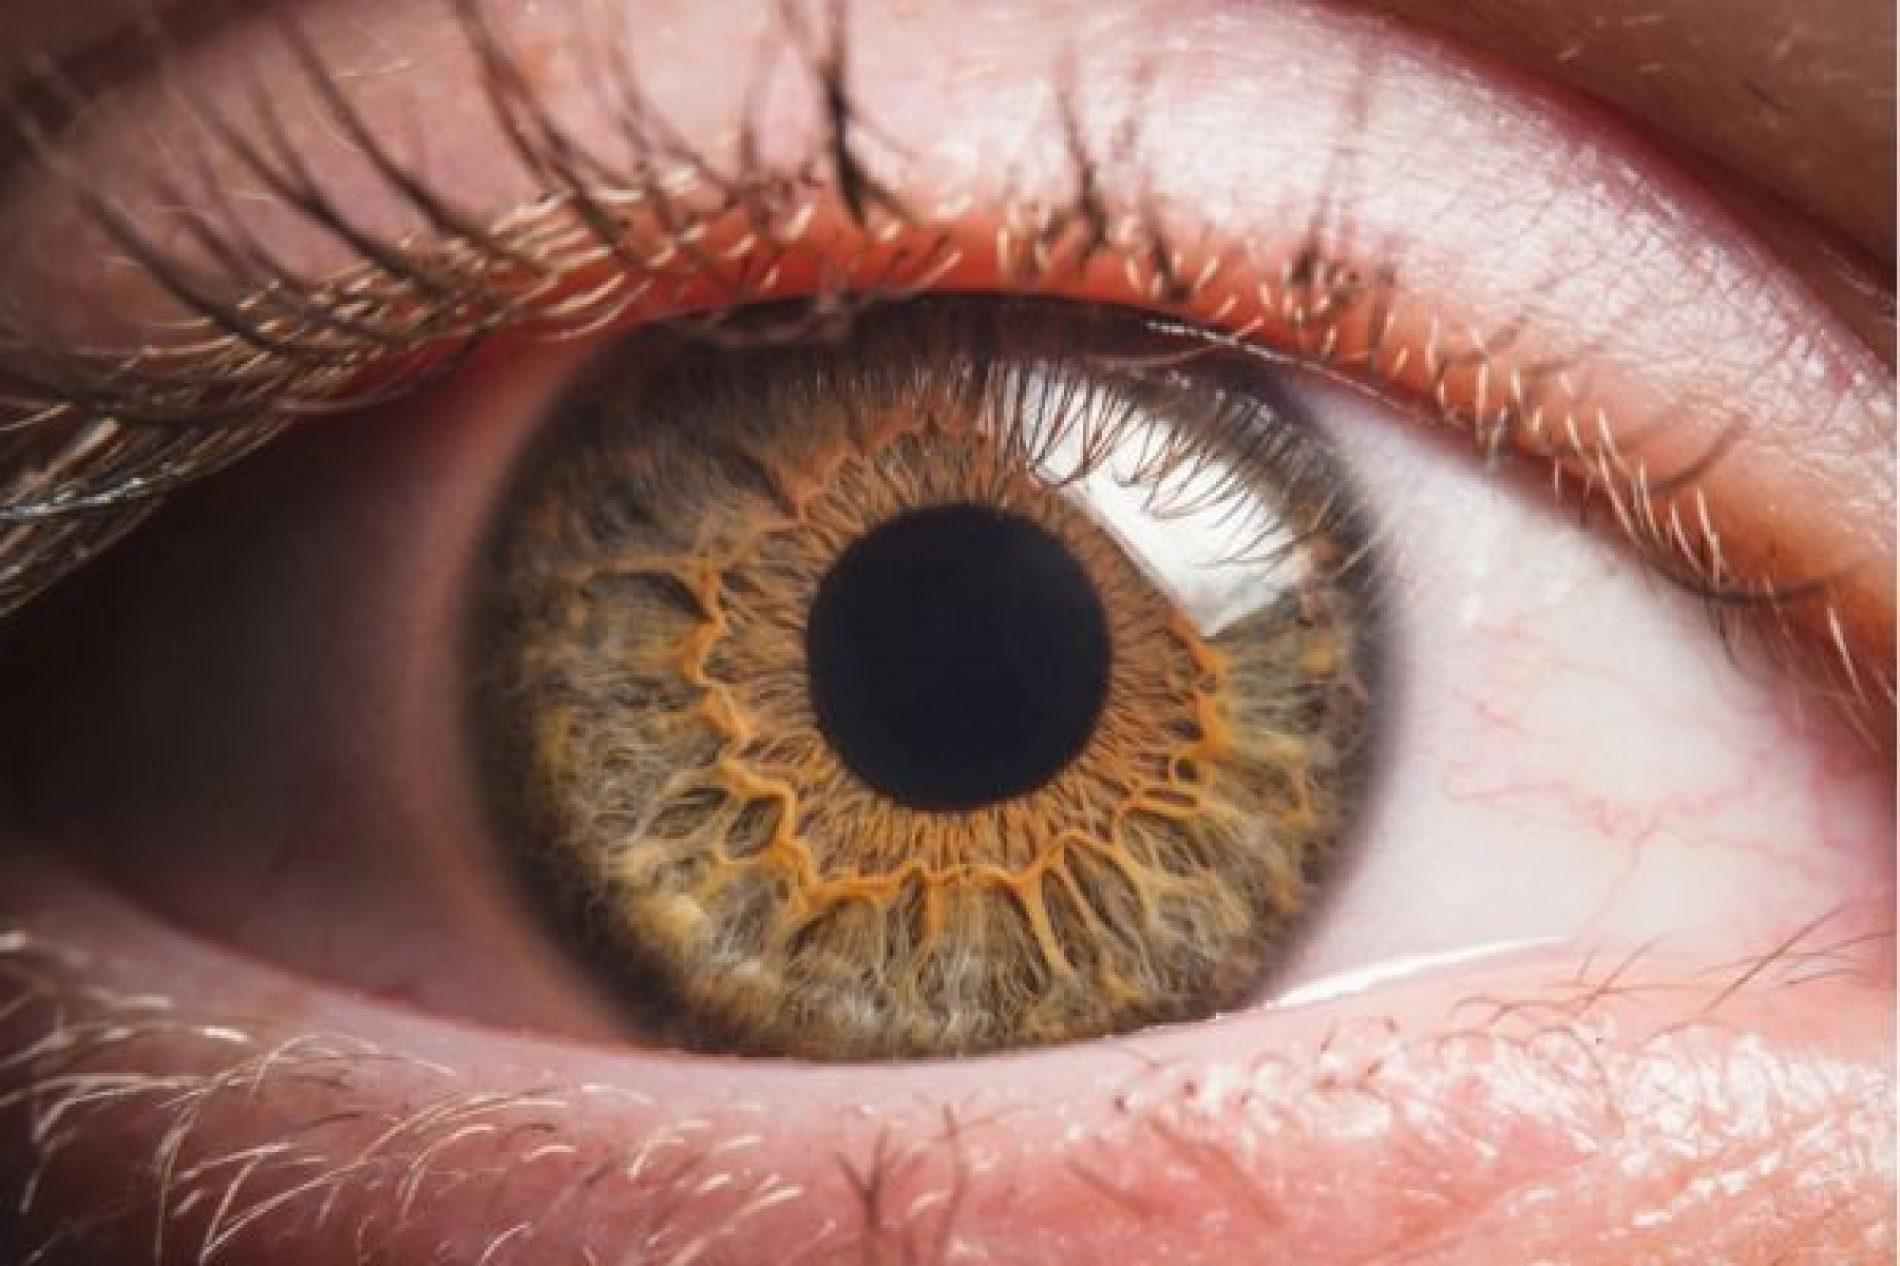 DIA MUNDIAL DO DIABETES: se não tratada corretamente, doença pode causar cegueira